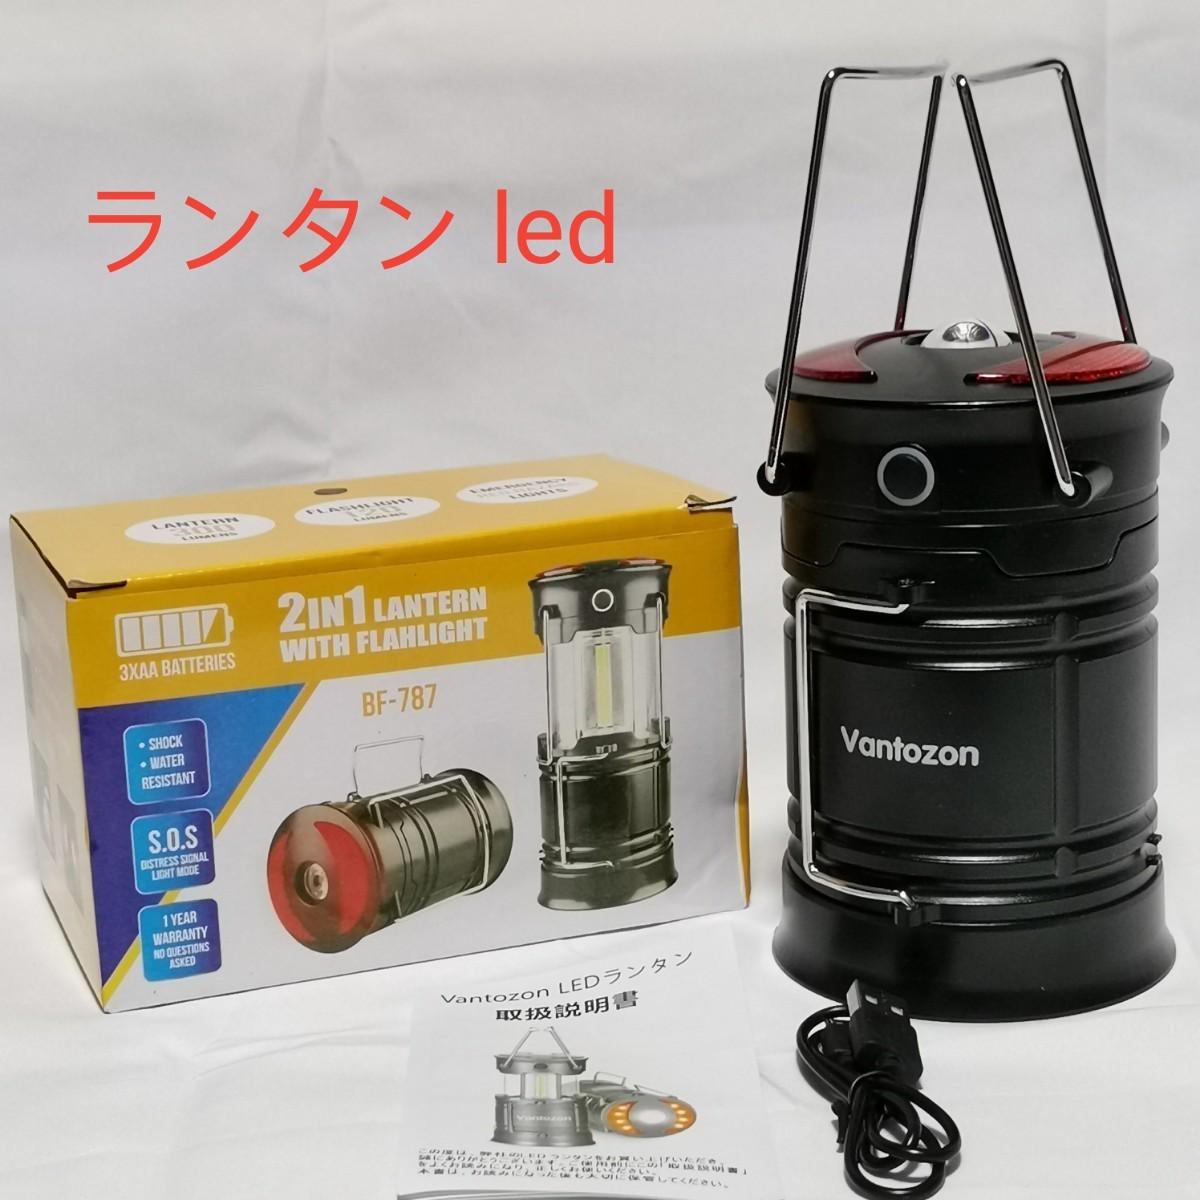 ランタン led  災害用テントライト 折り畳み式  懐中電灯 1個